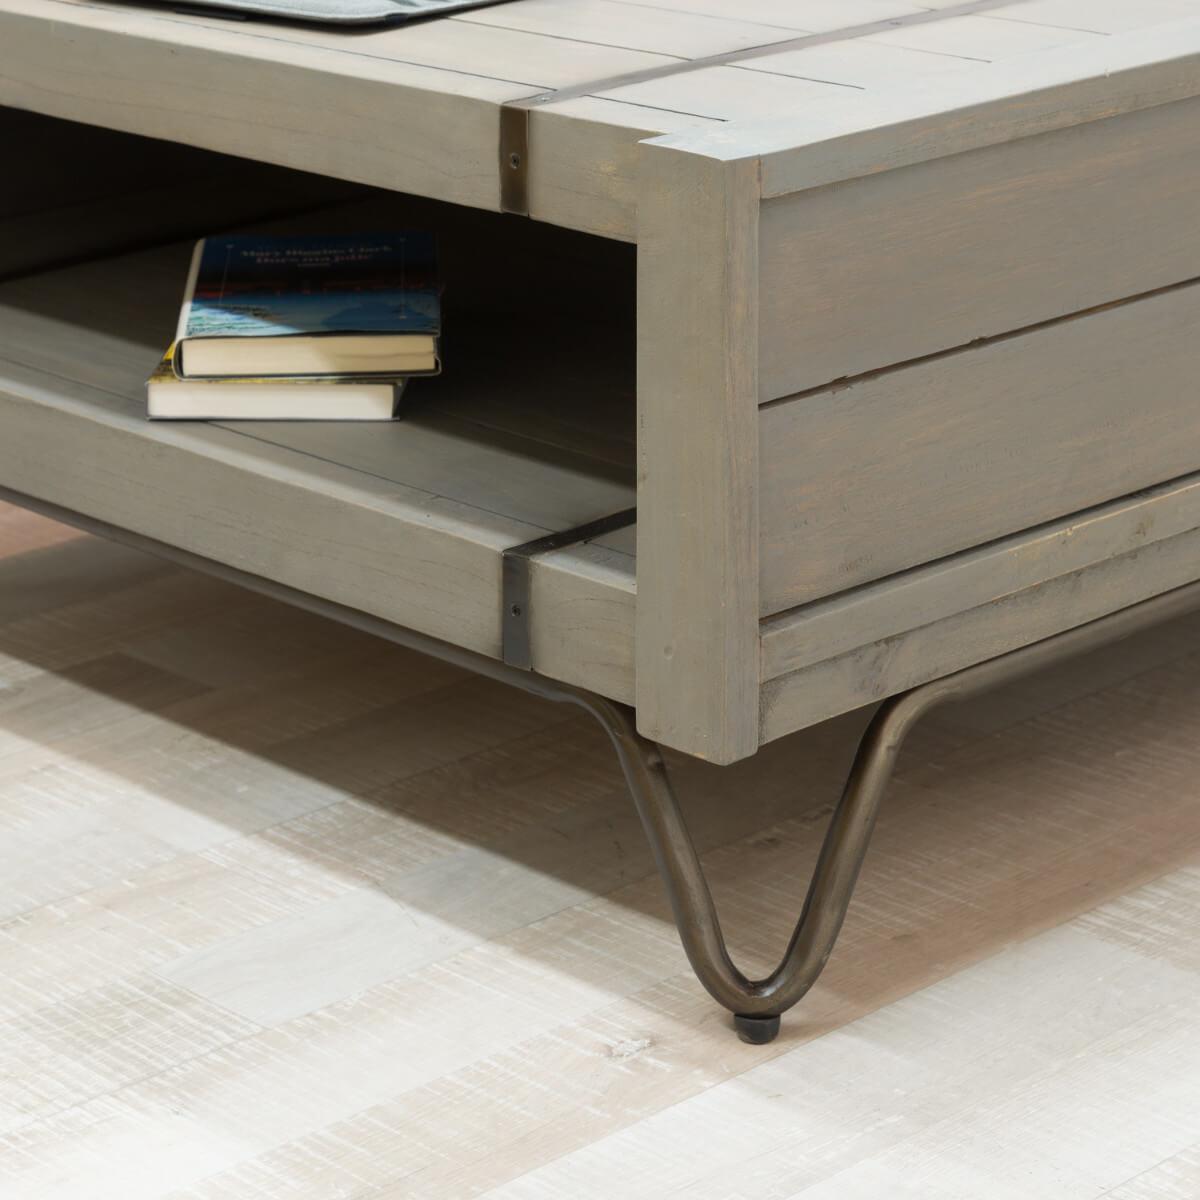 Table basse industrielle meuble en bois rectangle - Meuble tv 1m ...